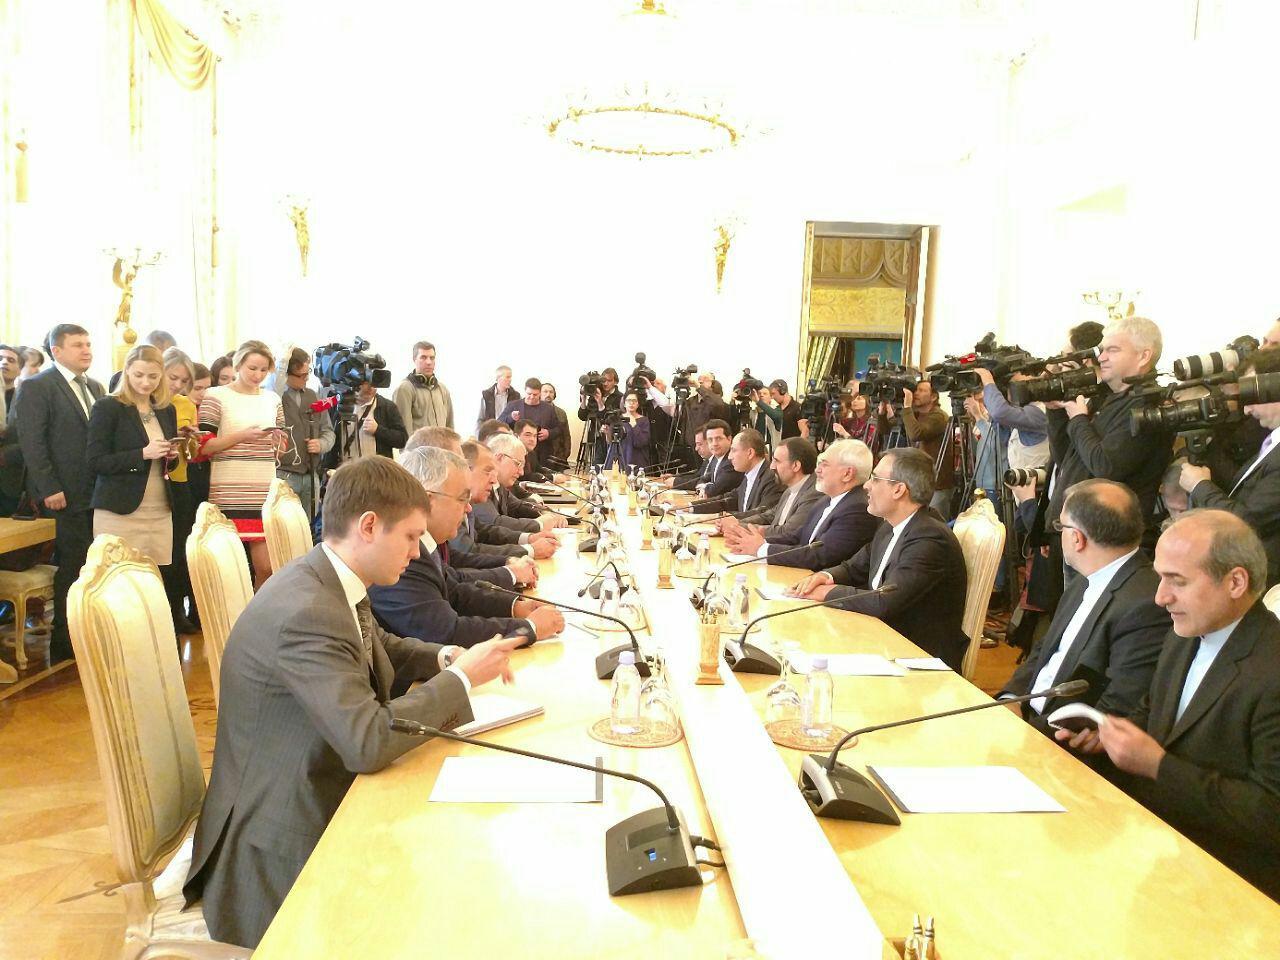 آغاز مذاکرات دو جانبه وزرای خارجه ایران و روسیه در مسکو